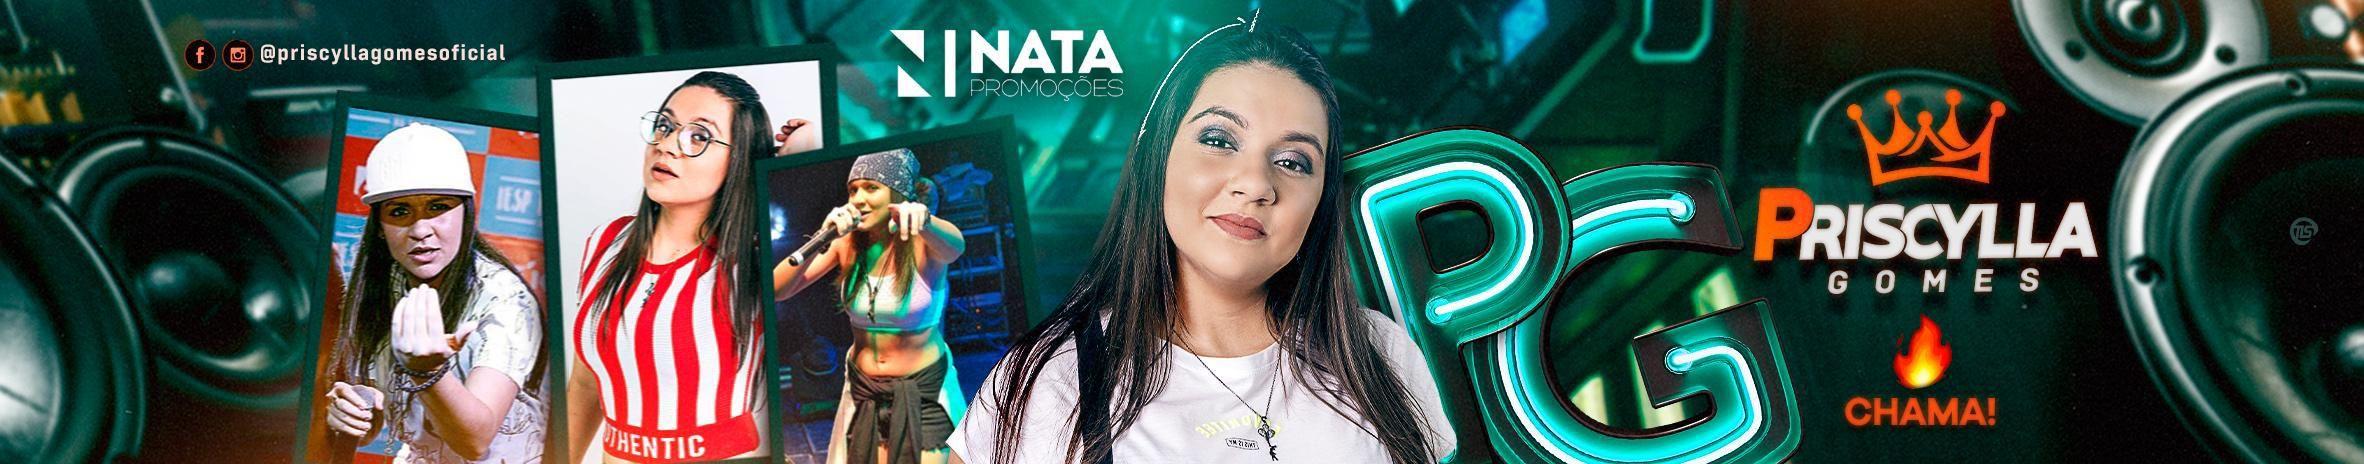 Imagem de capa de Priscylla Gomes